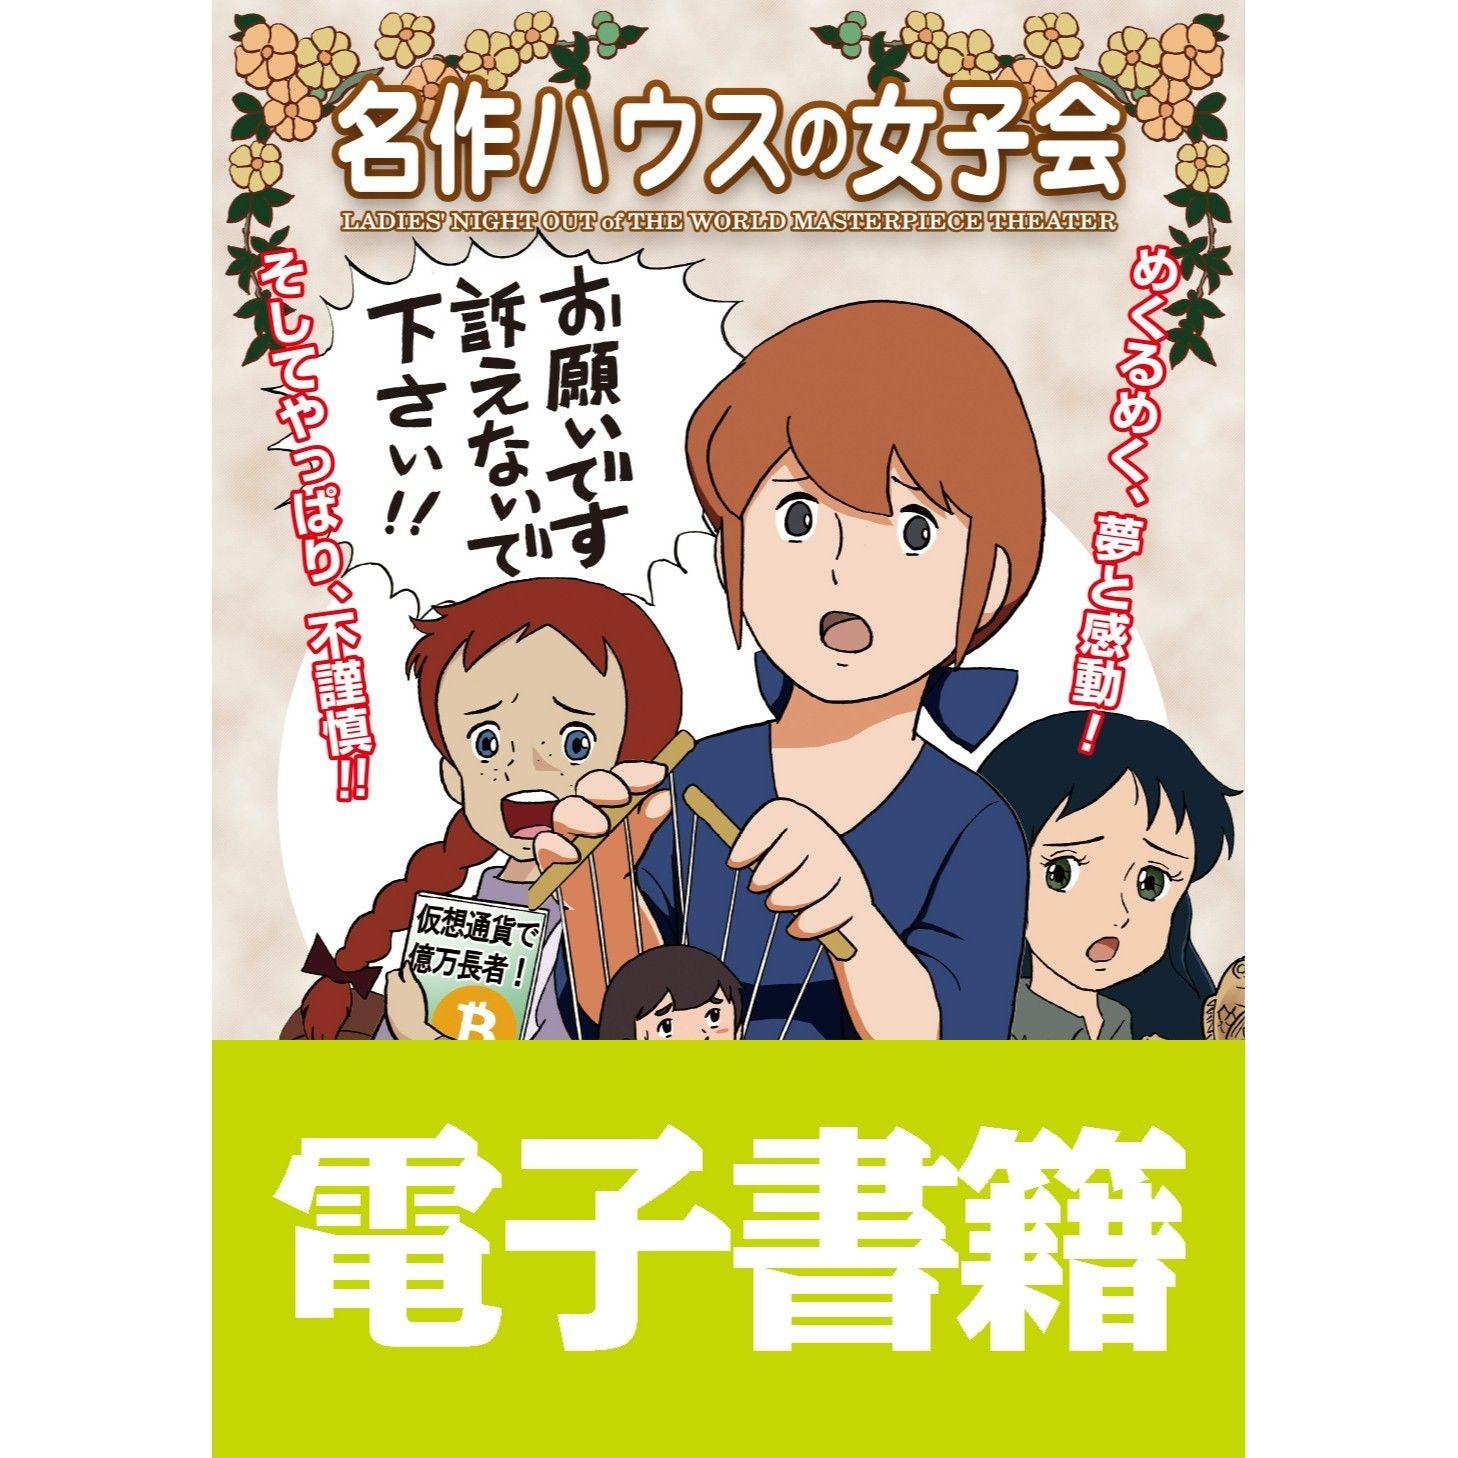 すぐに読めます 電子書籍版 名作ハウスの女子会 田中圭一 出版